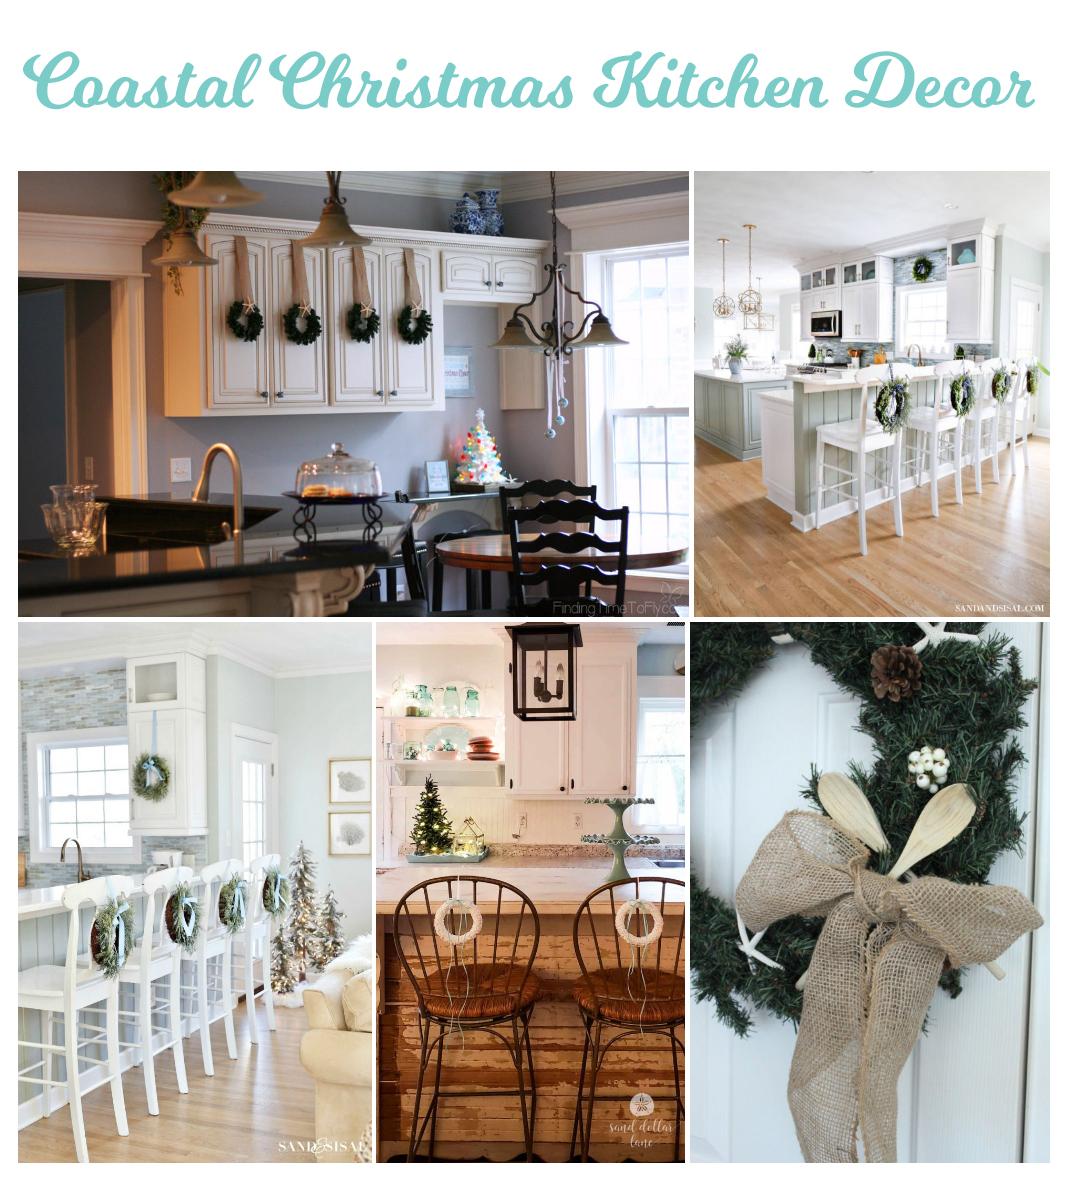 100 Coastal Christmas Decor Ideas for the Kitchen